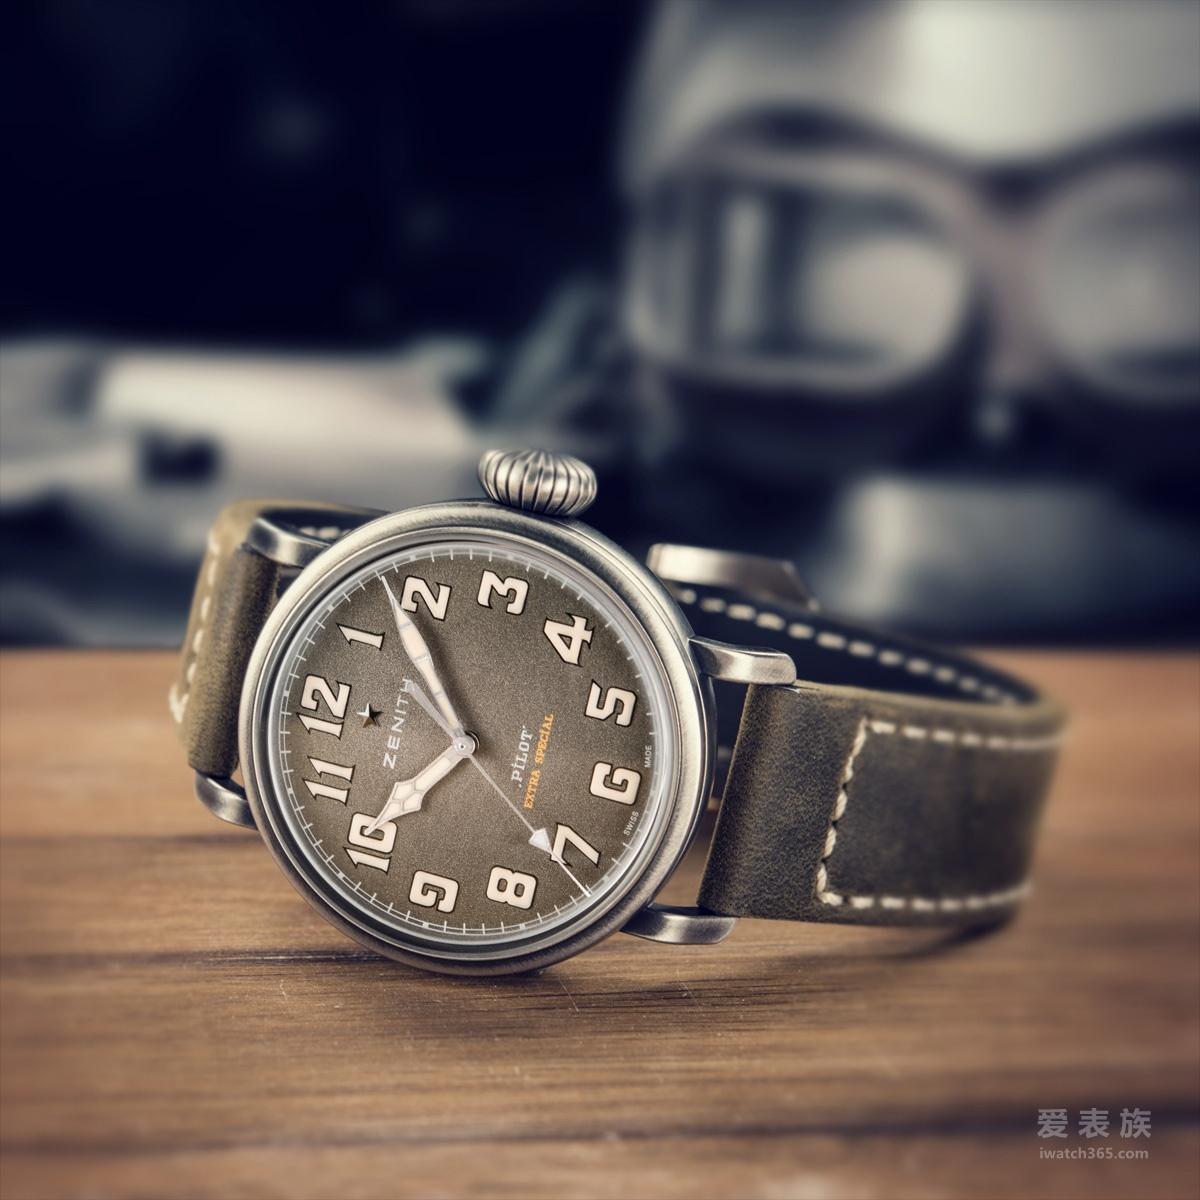 真力时飞行员系列Type 20特别款11.1940.679/63.C800腕表